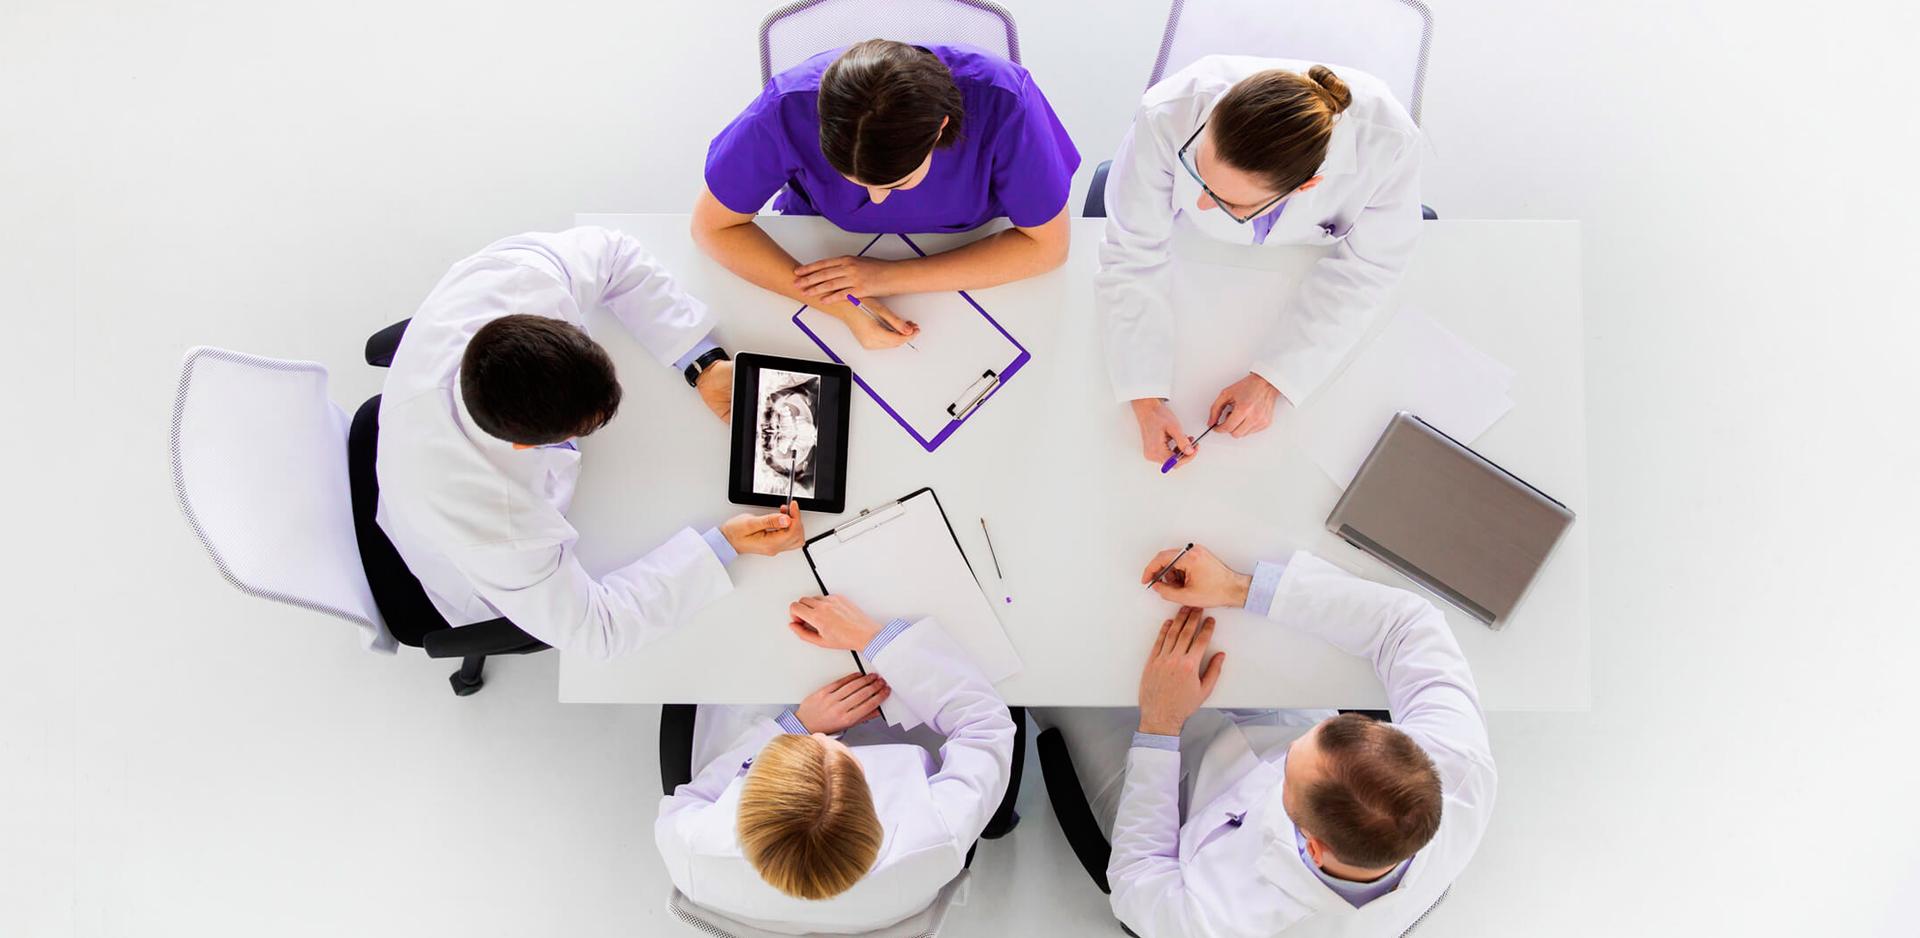 Gestão eficiente no consultório odontológico: Saiba implementar